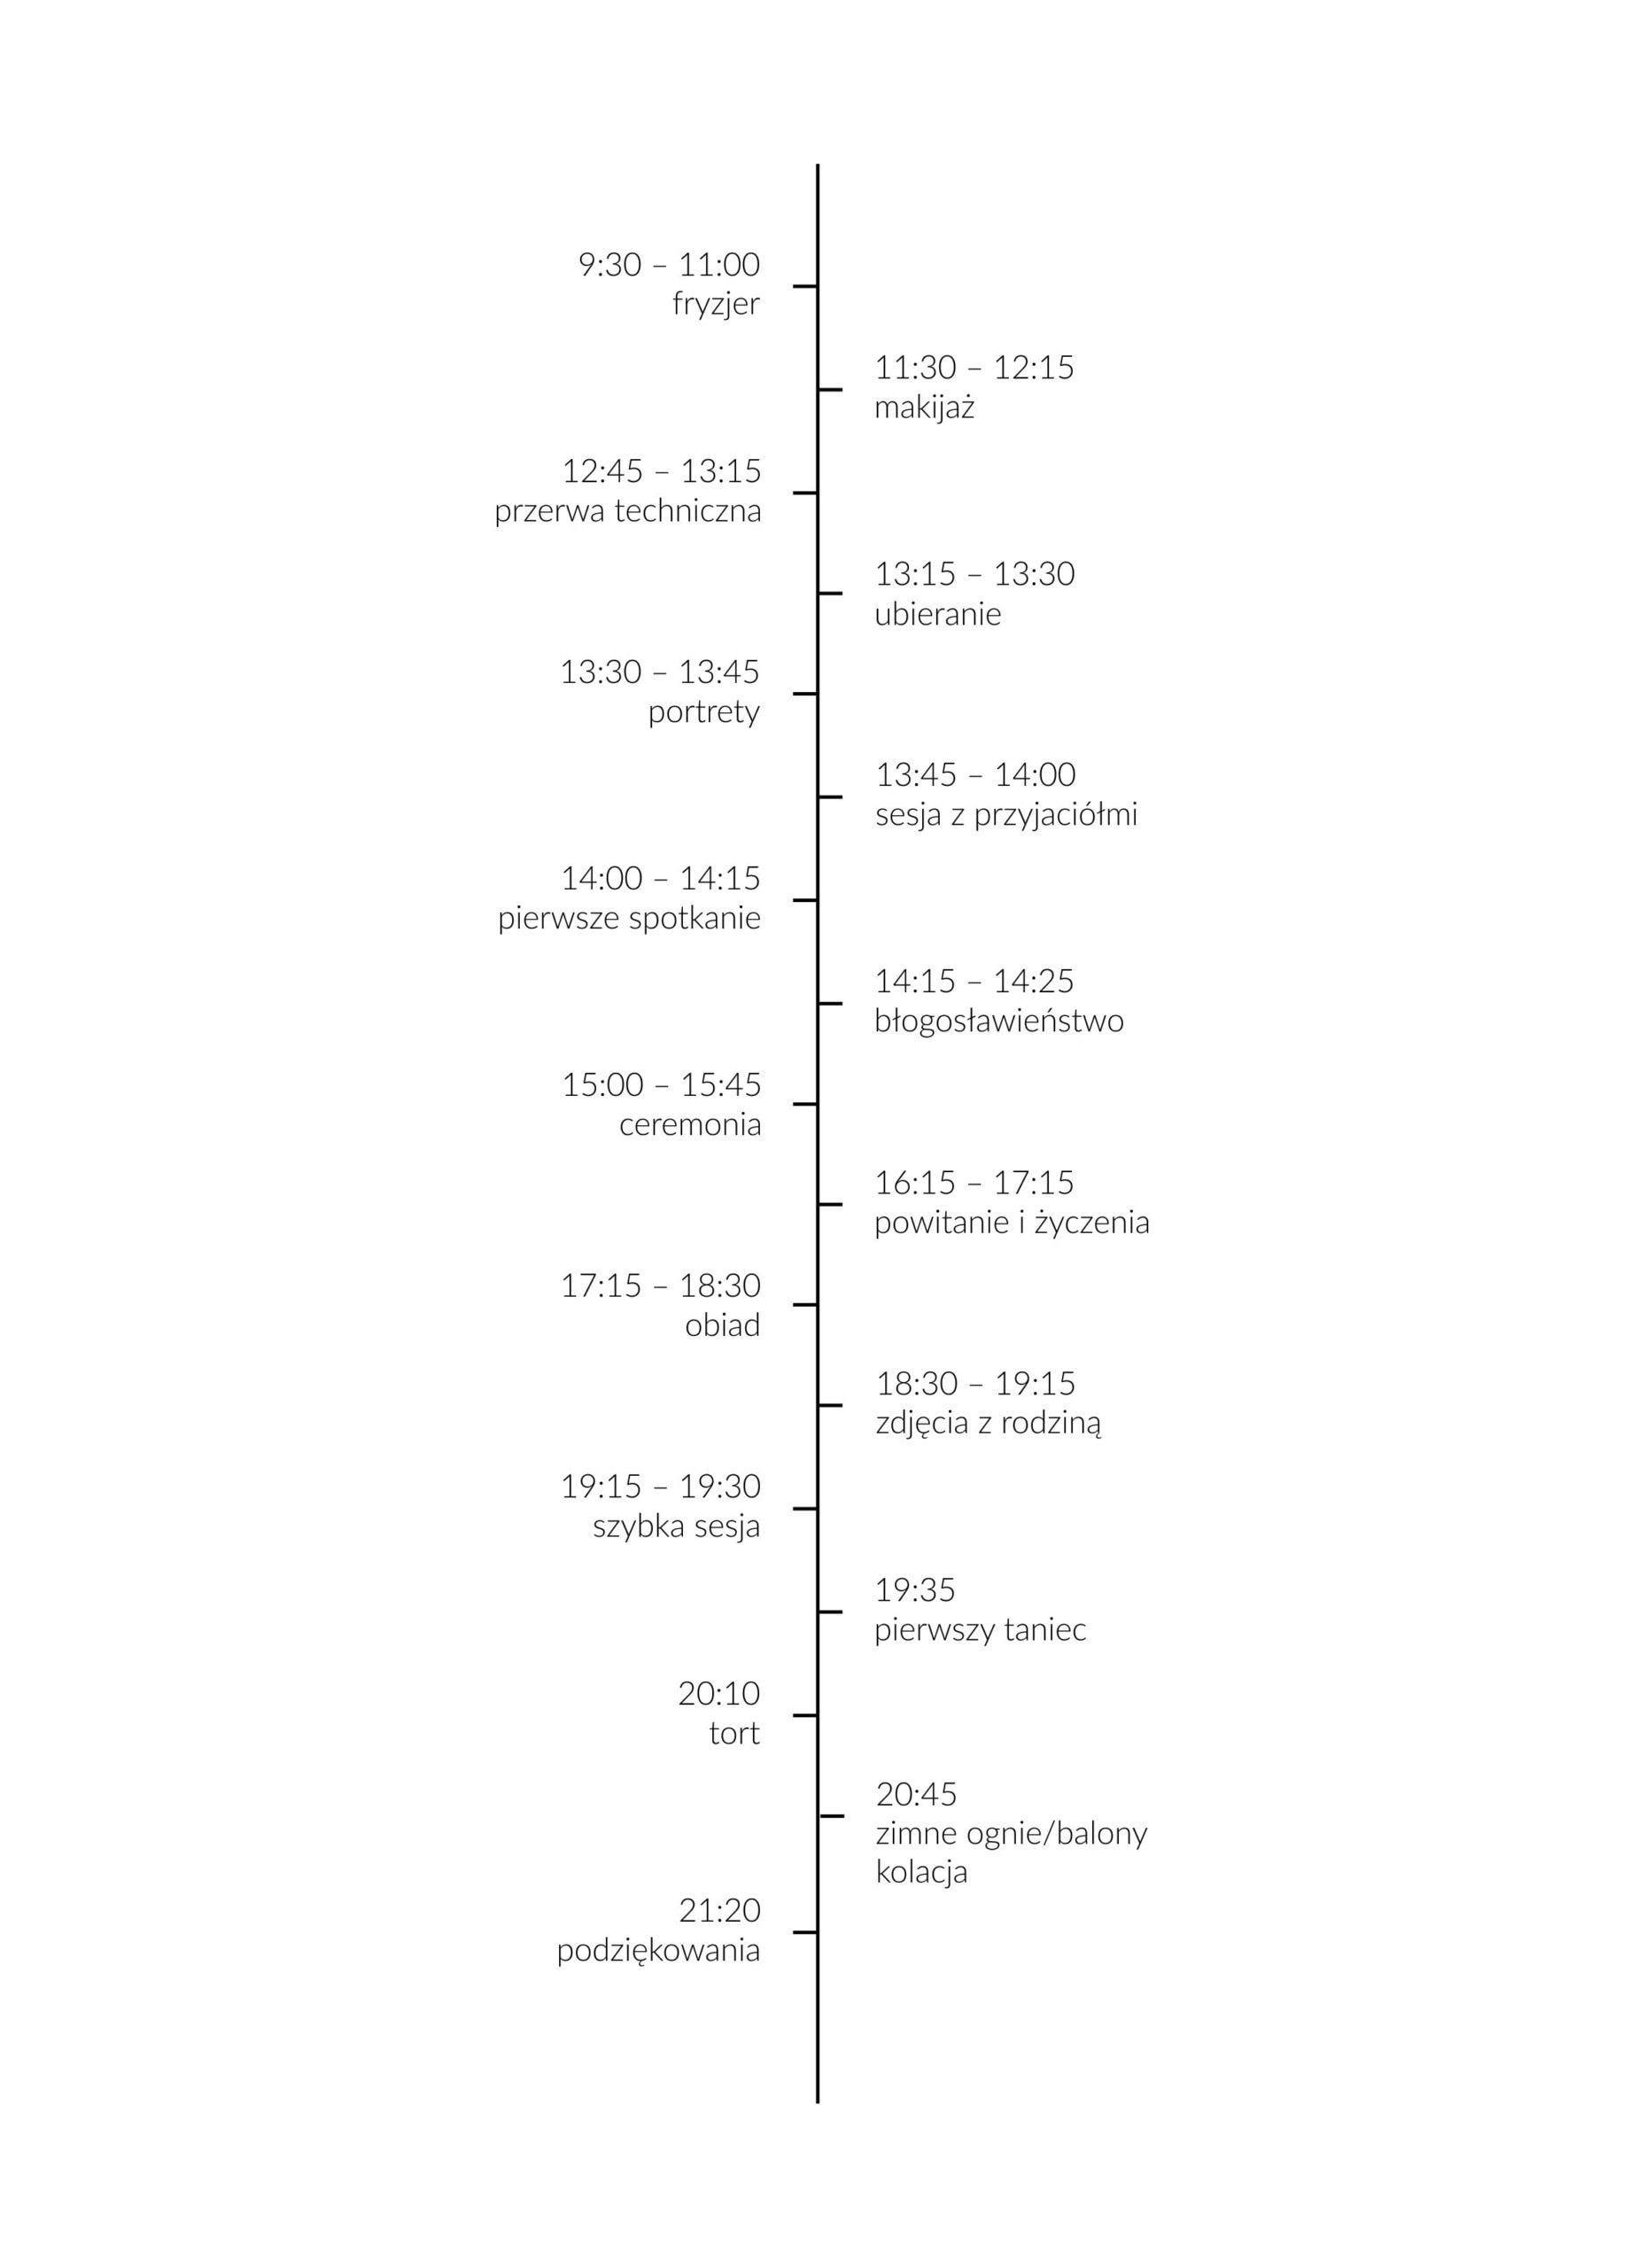 jak zaplanowac czas w dniu slubu scaled - 1